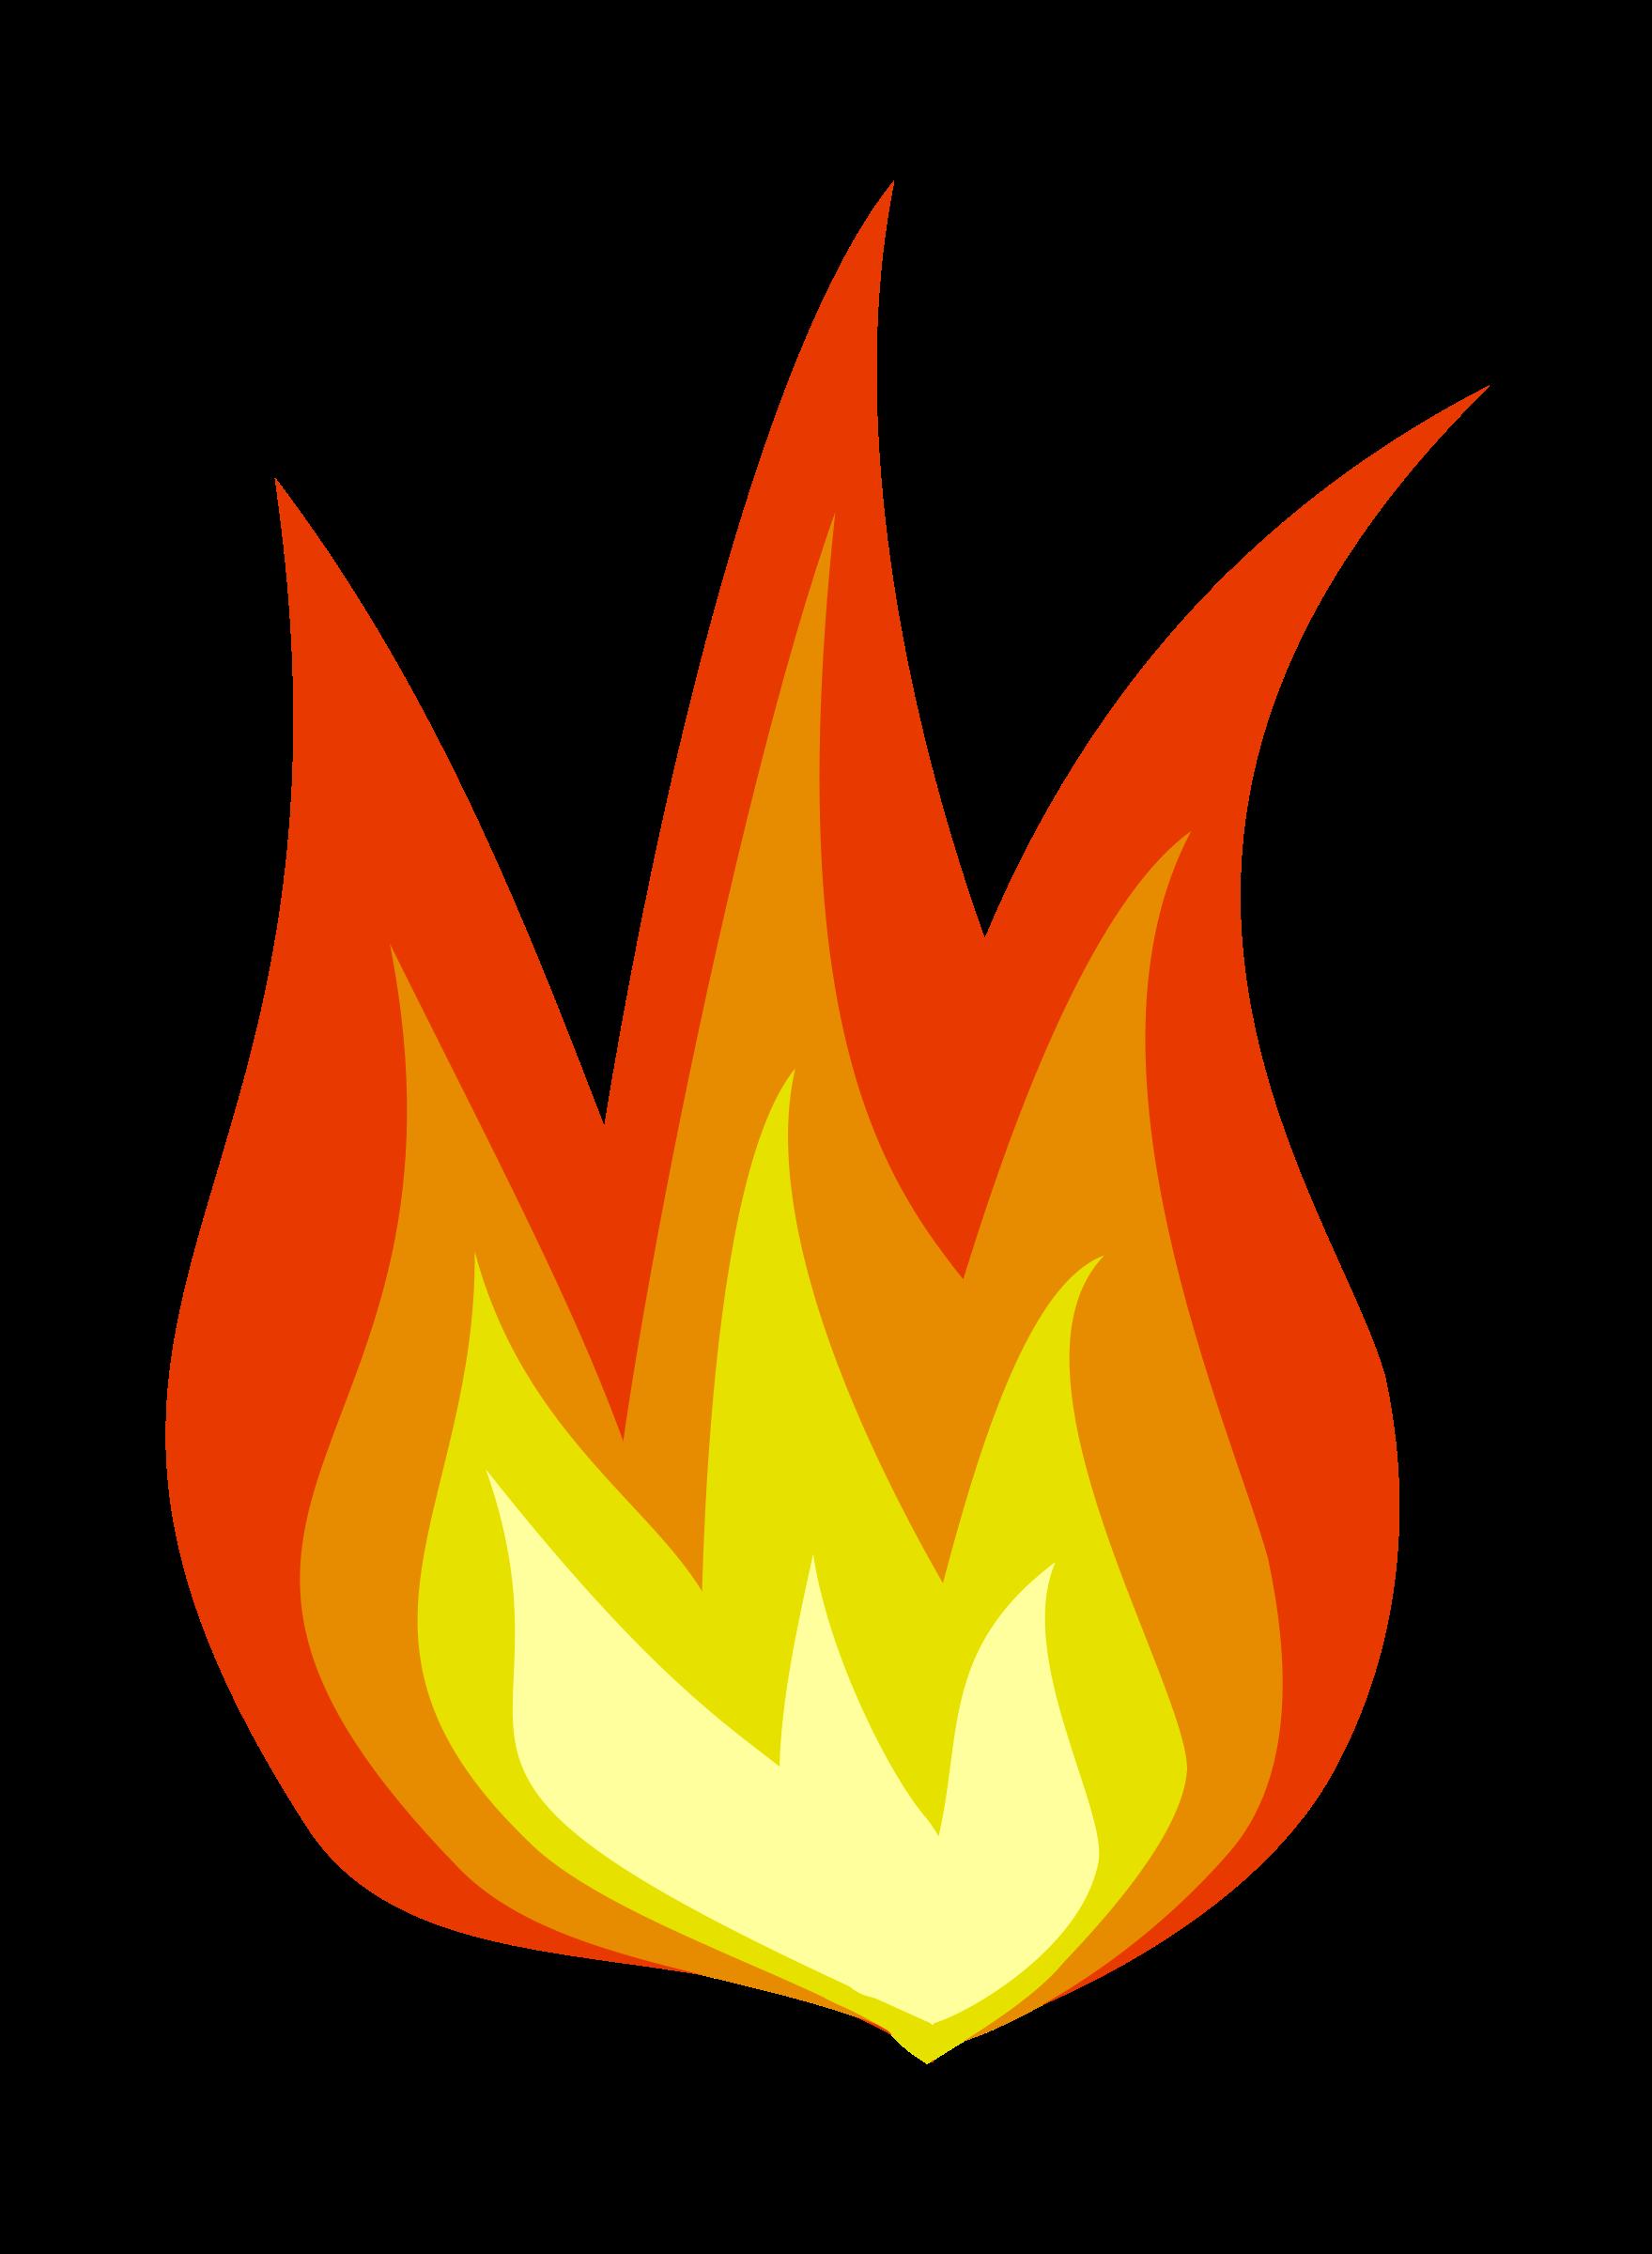 Fire clipart #7